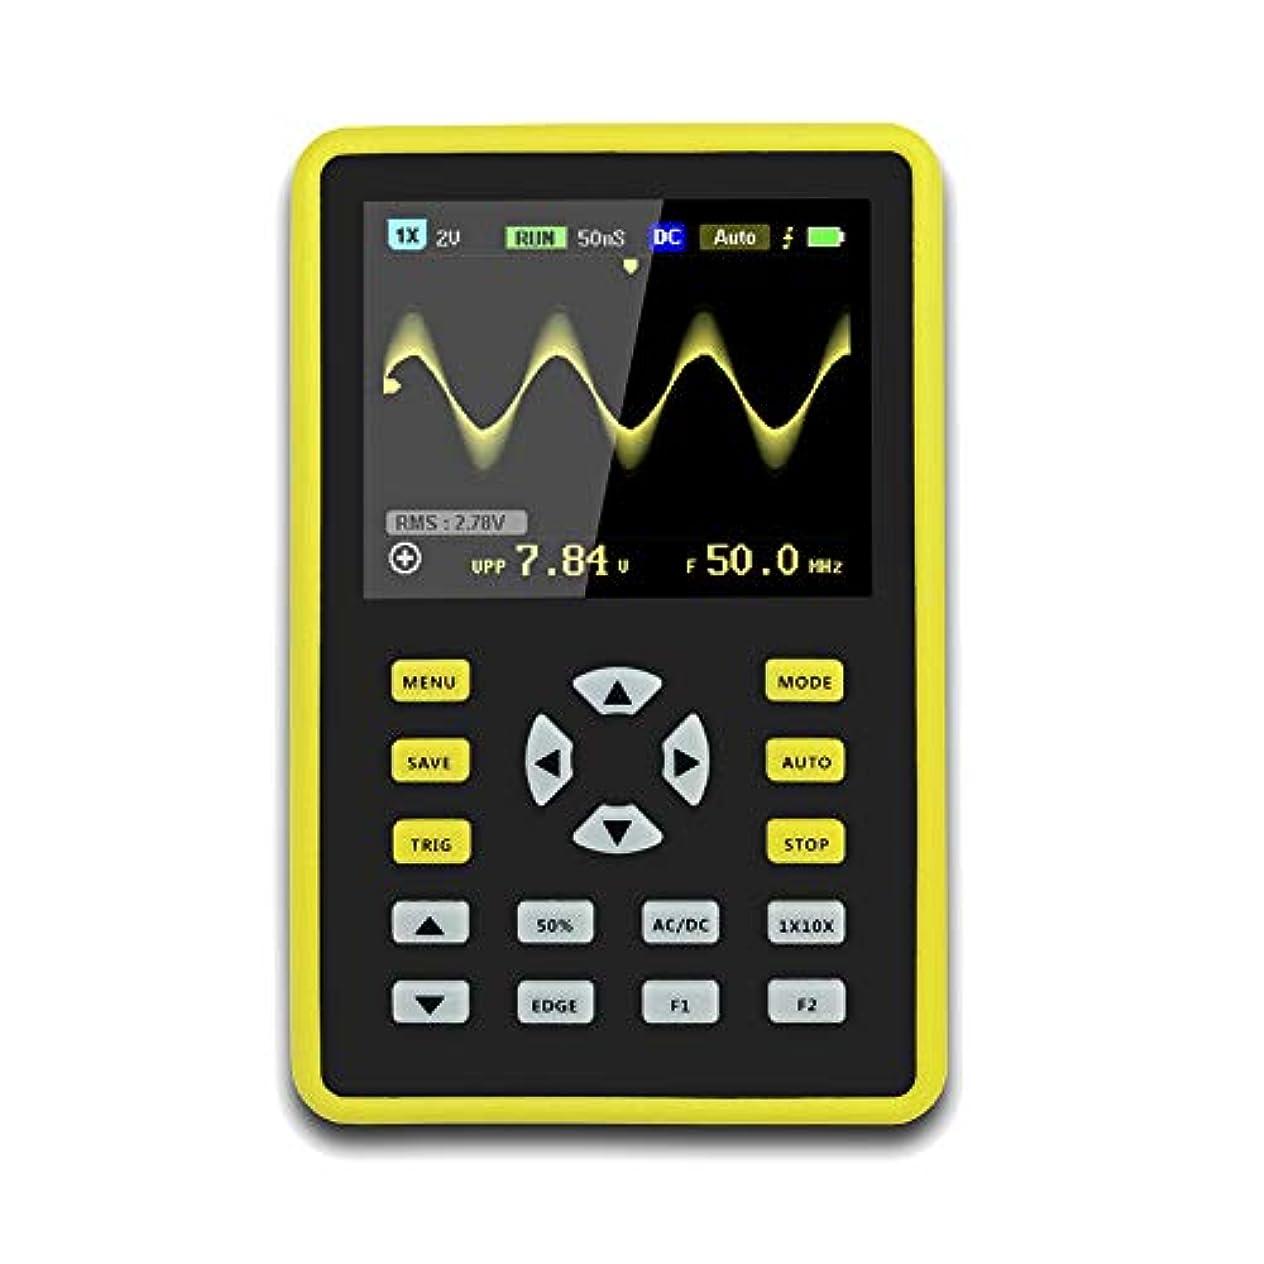 あなたは確保するテザーXlp  手持ち型デジタル小型オシロスコープ2.4インチ500 MS/s IPS LCD表示スクリーンの携帯用